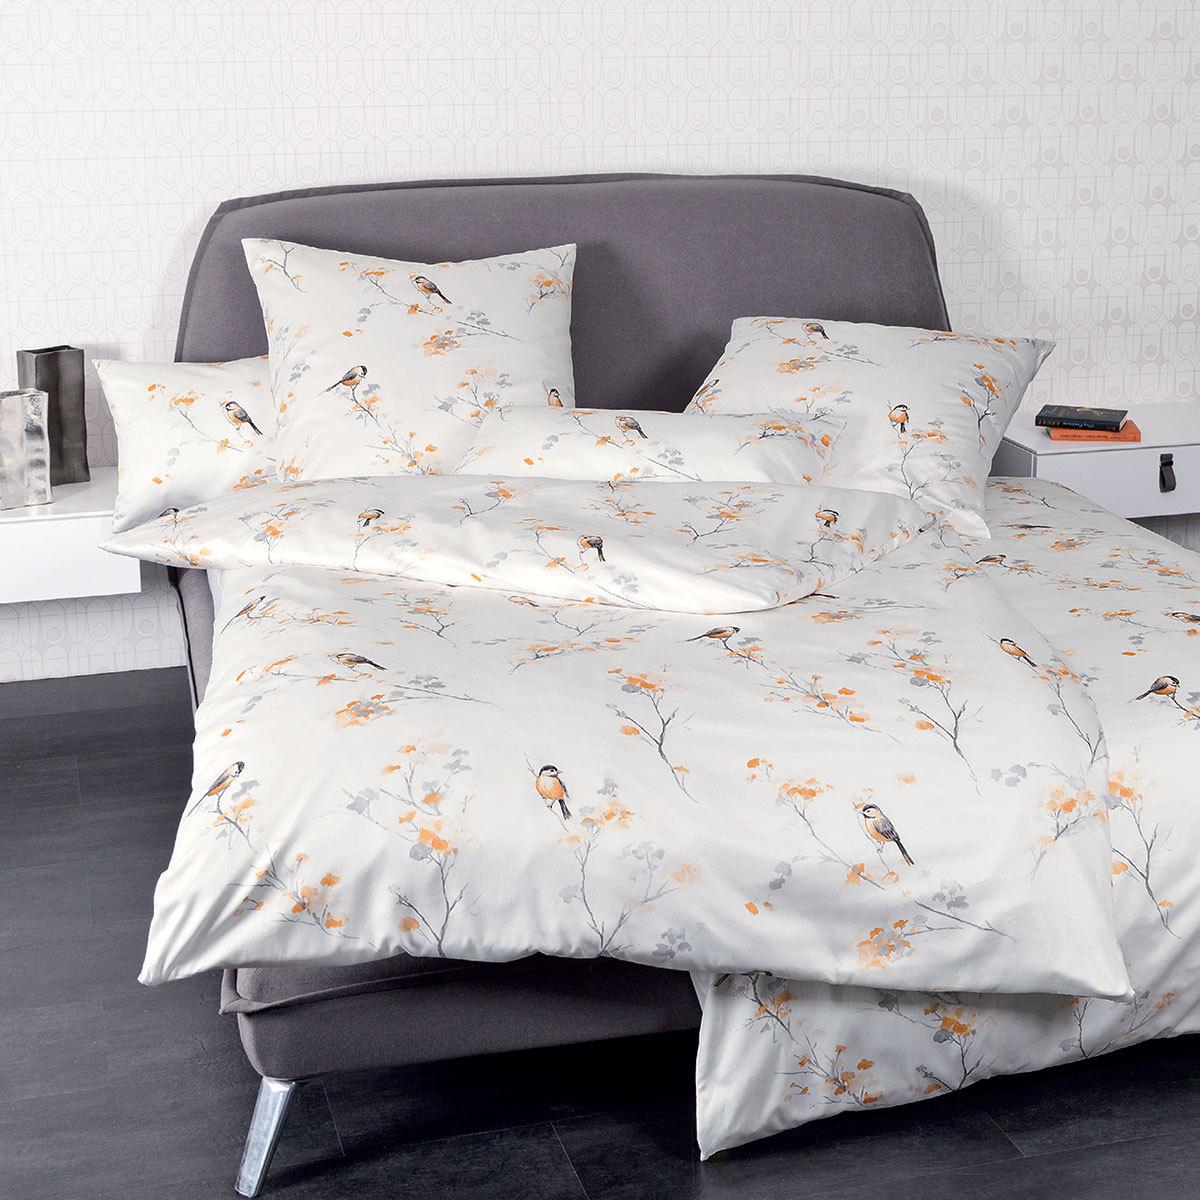 janine interlock feinjersey bettw sche carmen 53038 04 bernstein g nstig online kaufen bei. Black Bedroom Furniture Sets. Home Design Ideas